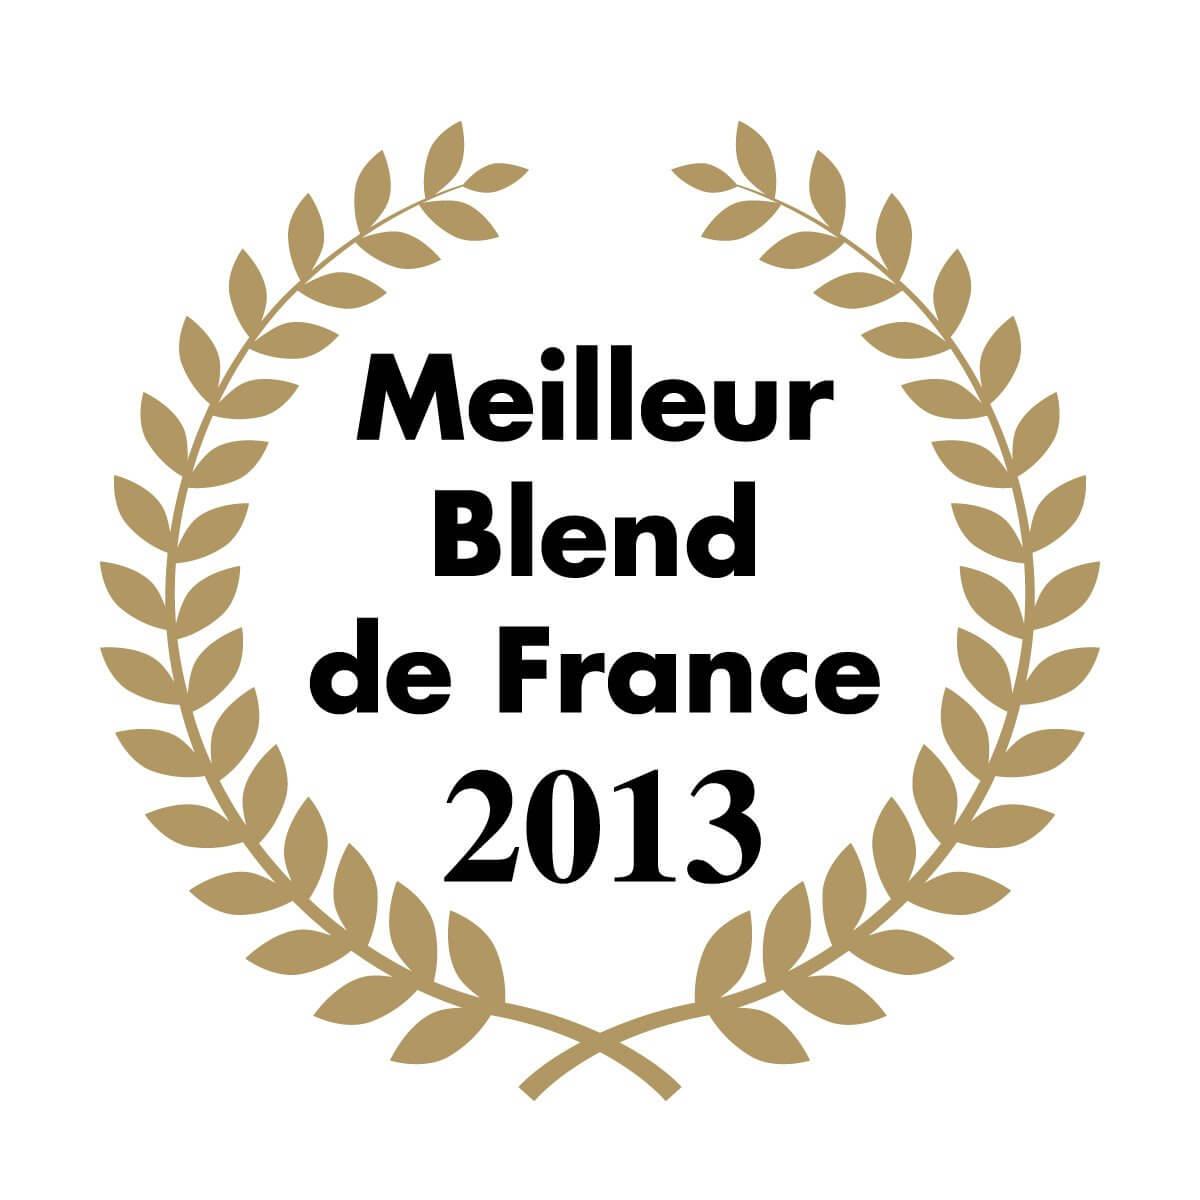 meilleur blend 2013